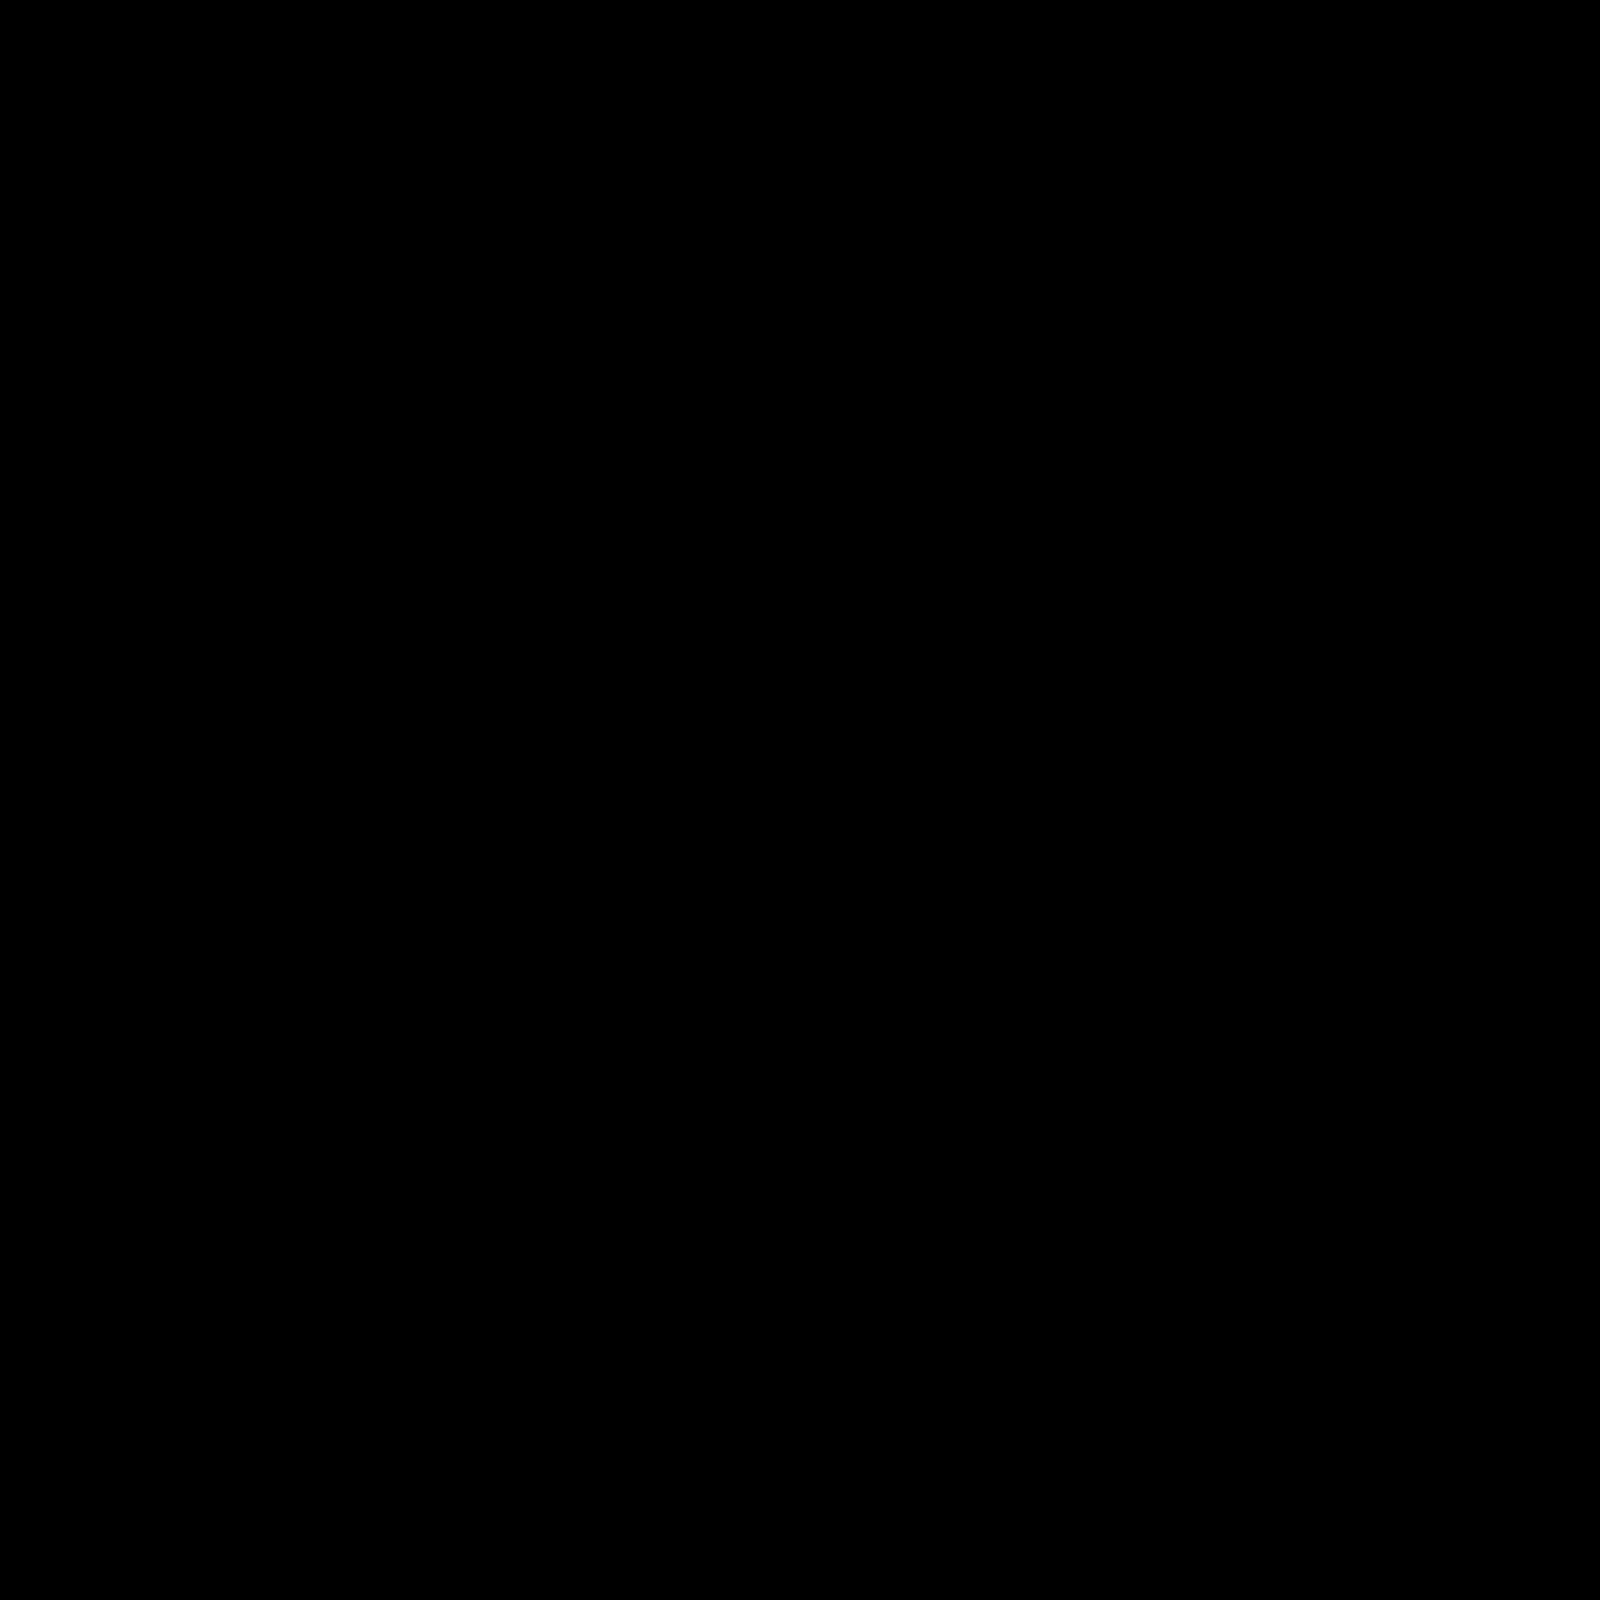 Welder Filled icon